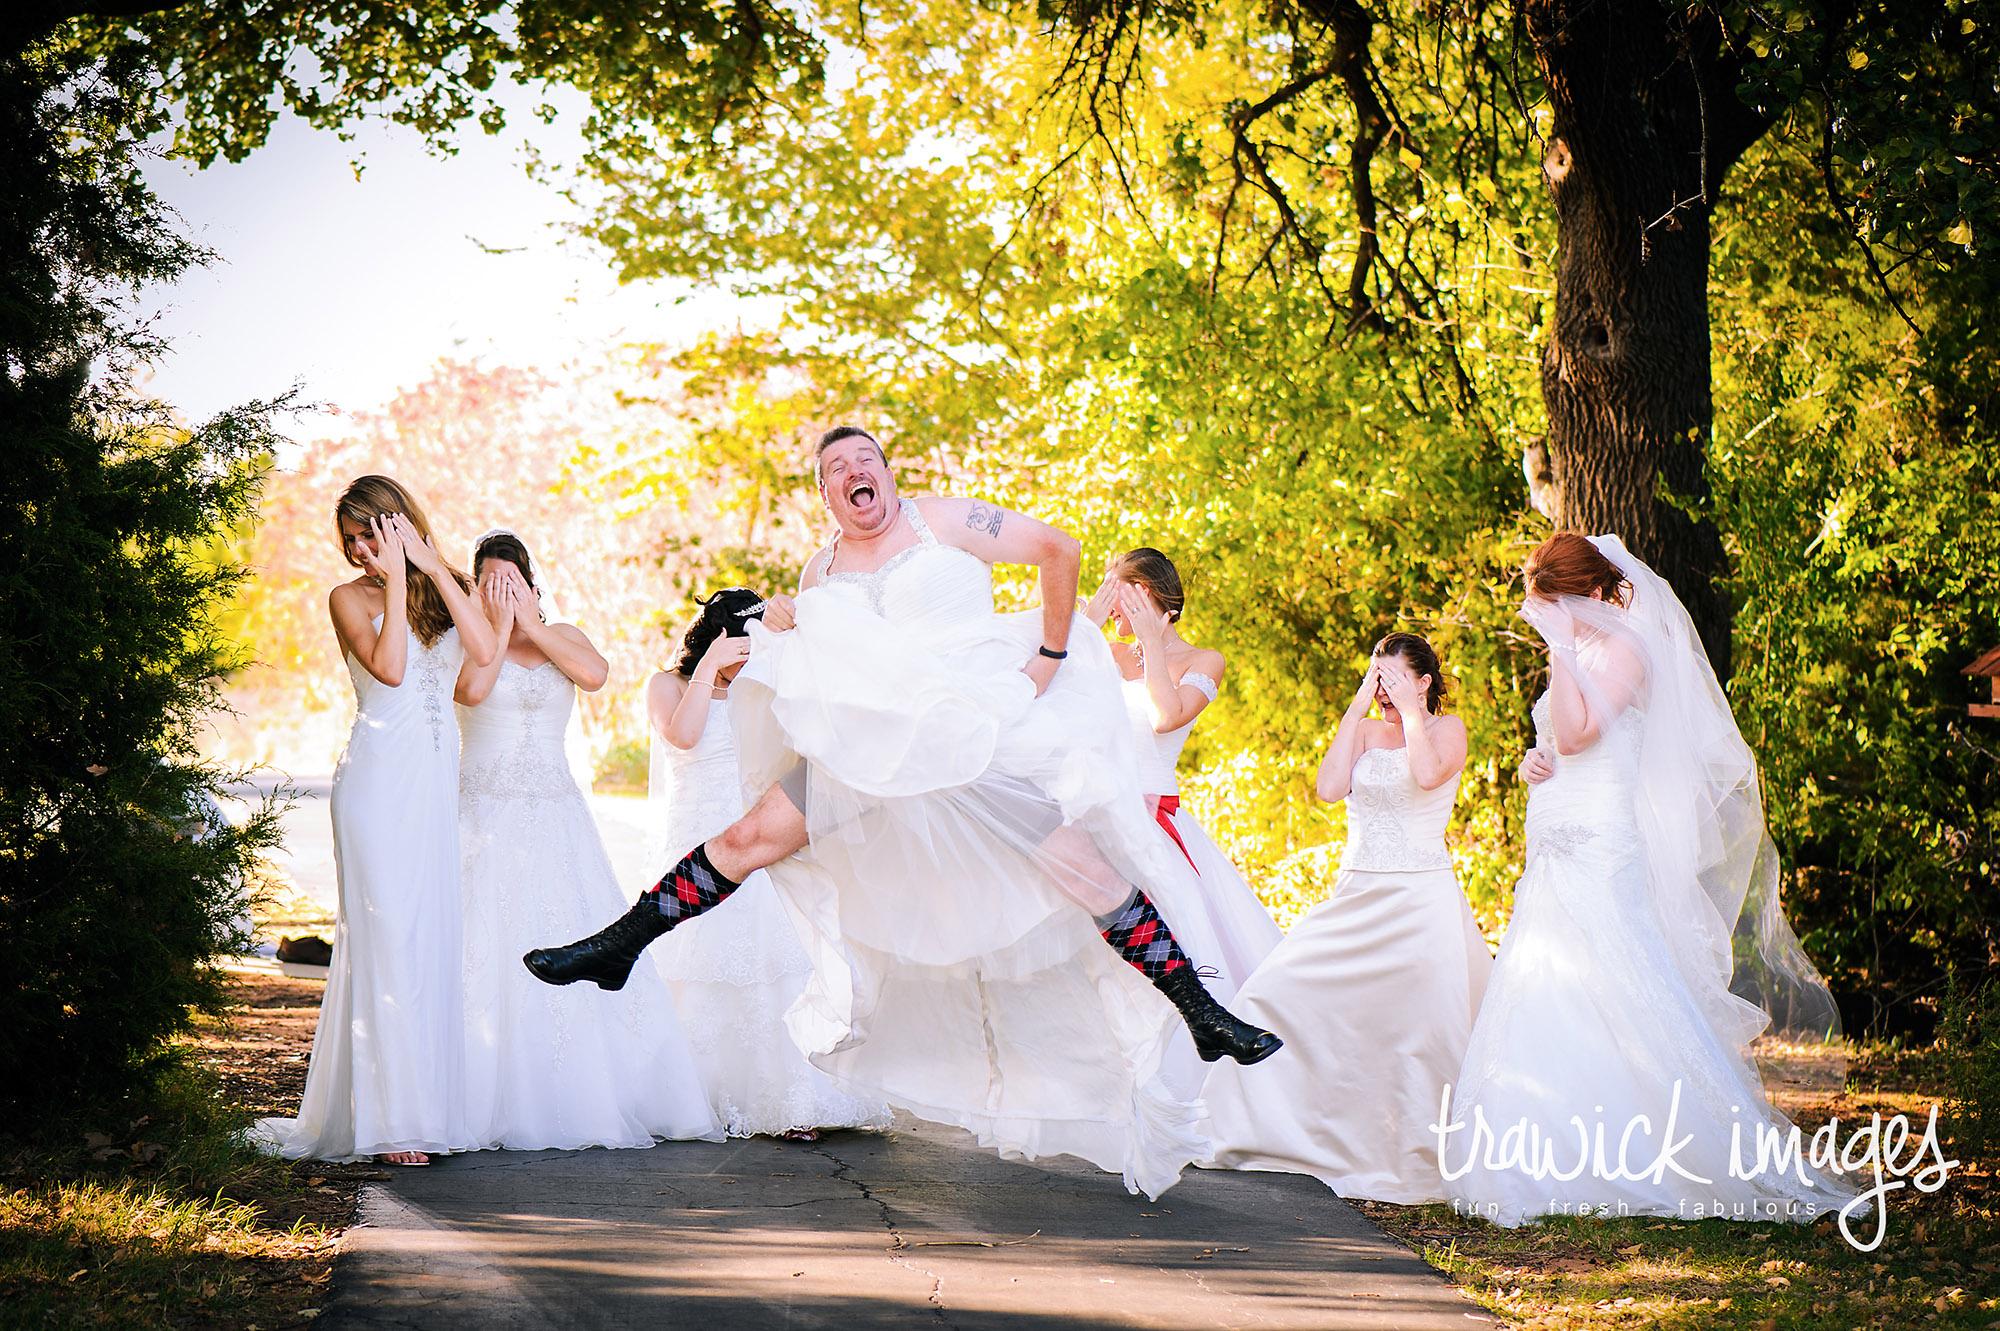 Bridal-Picnic-Oct-2012-017.jpg